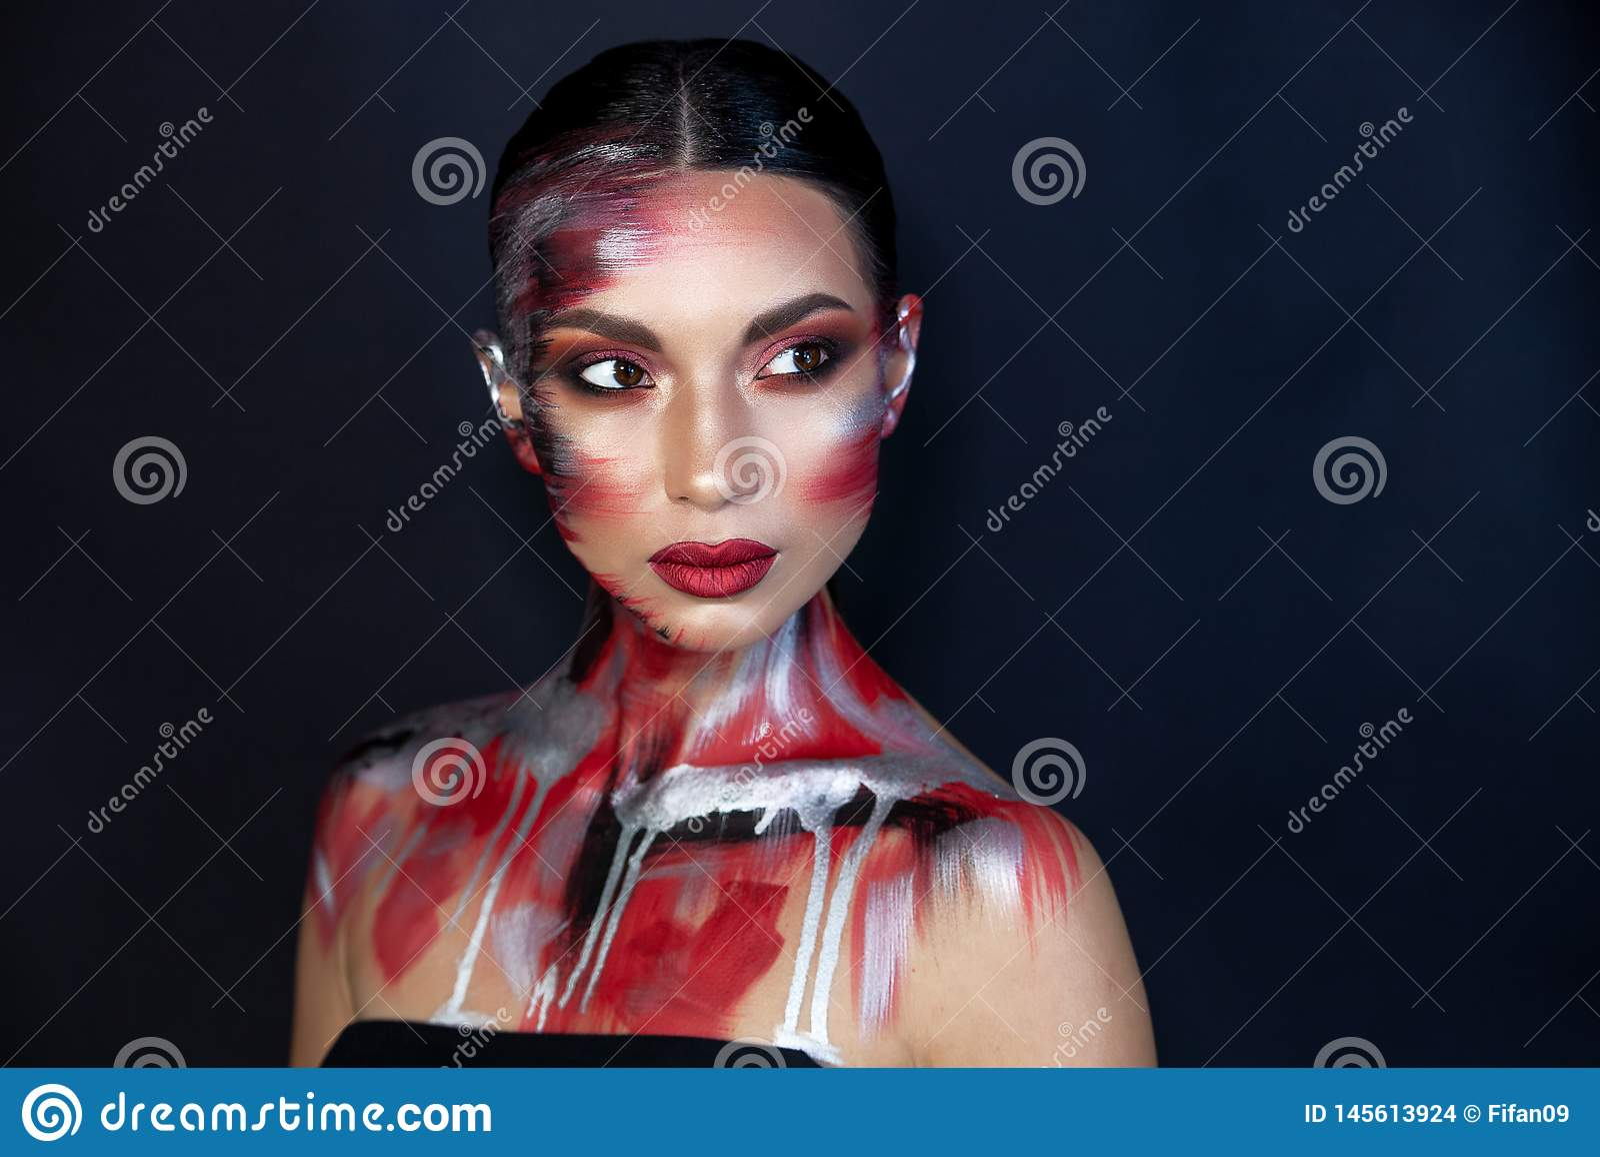 Retrato de una muchacha del aspecto asi?tico europeo con maquillaje